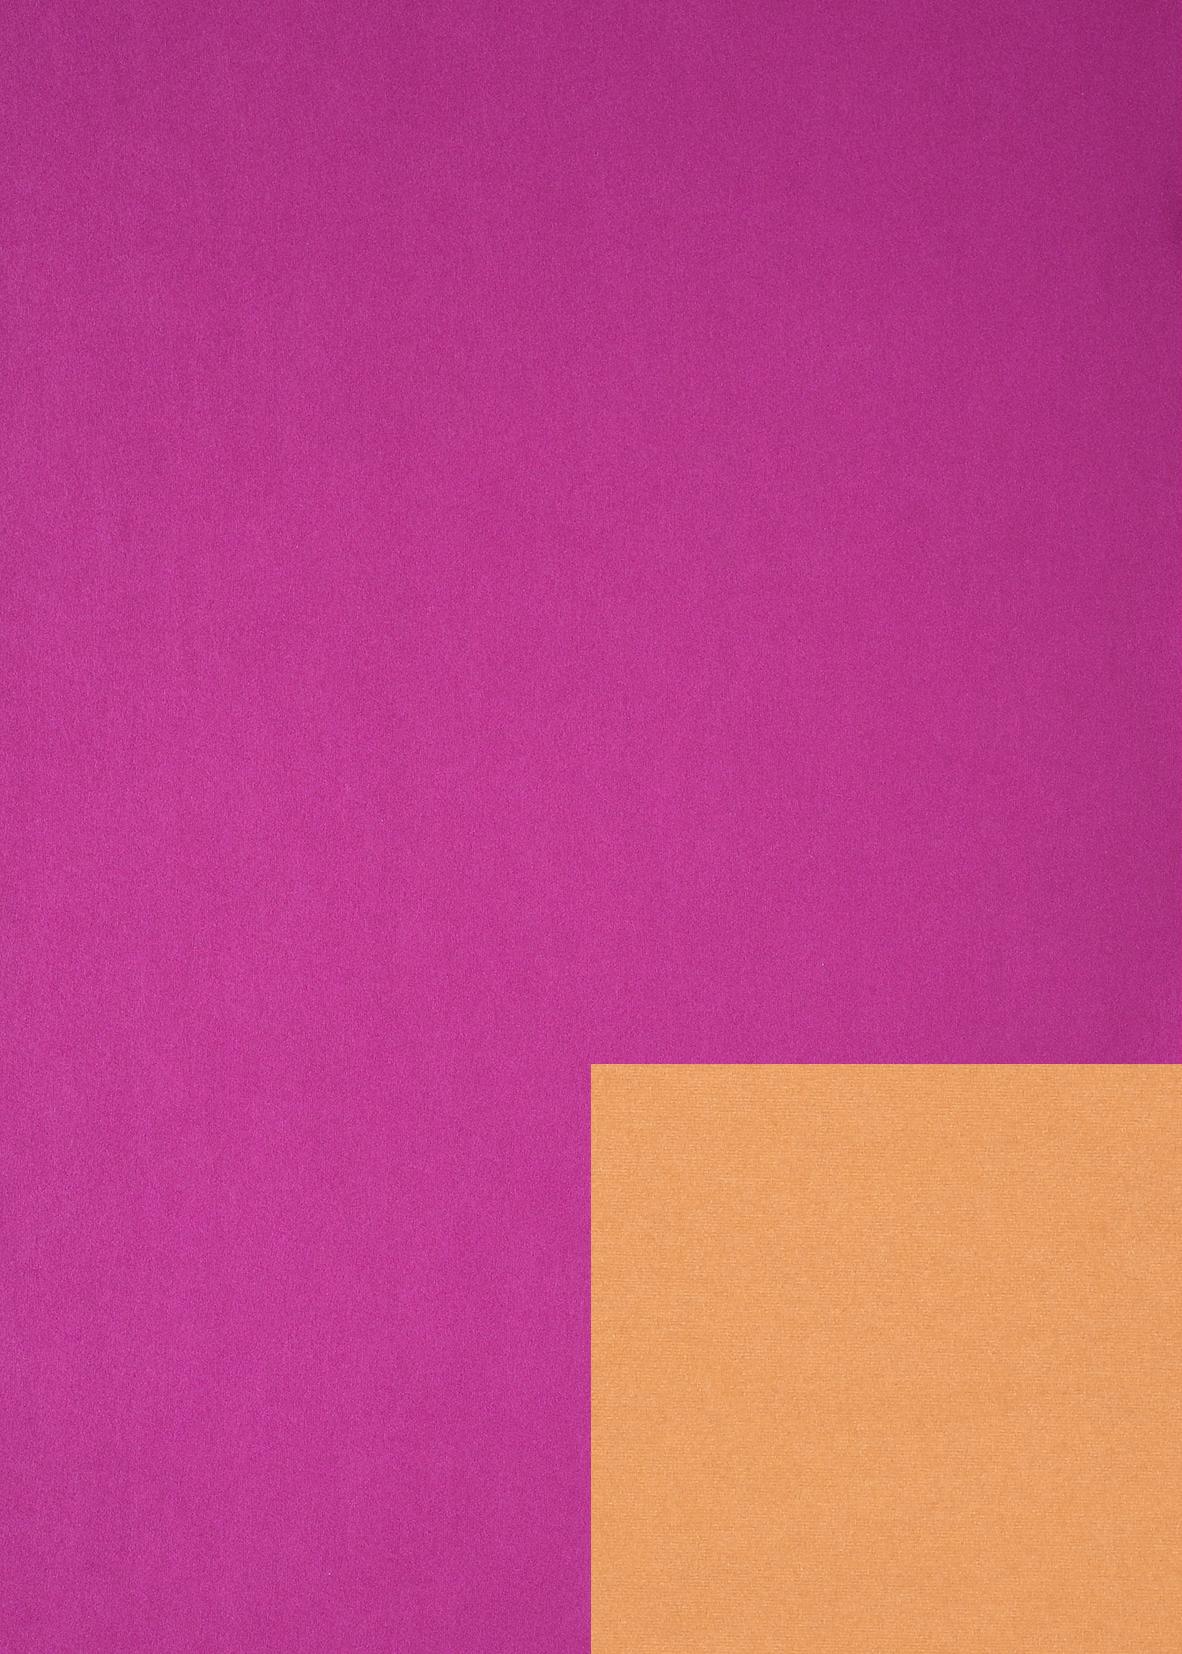 JUNG DESIGN Geschenkpapier ´2 Farben´, pink/orange